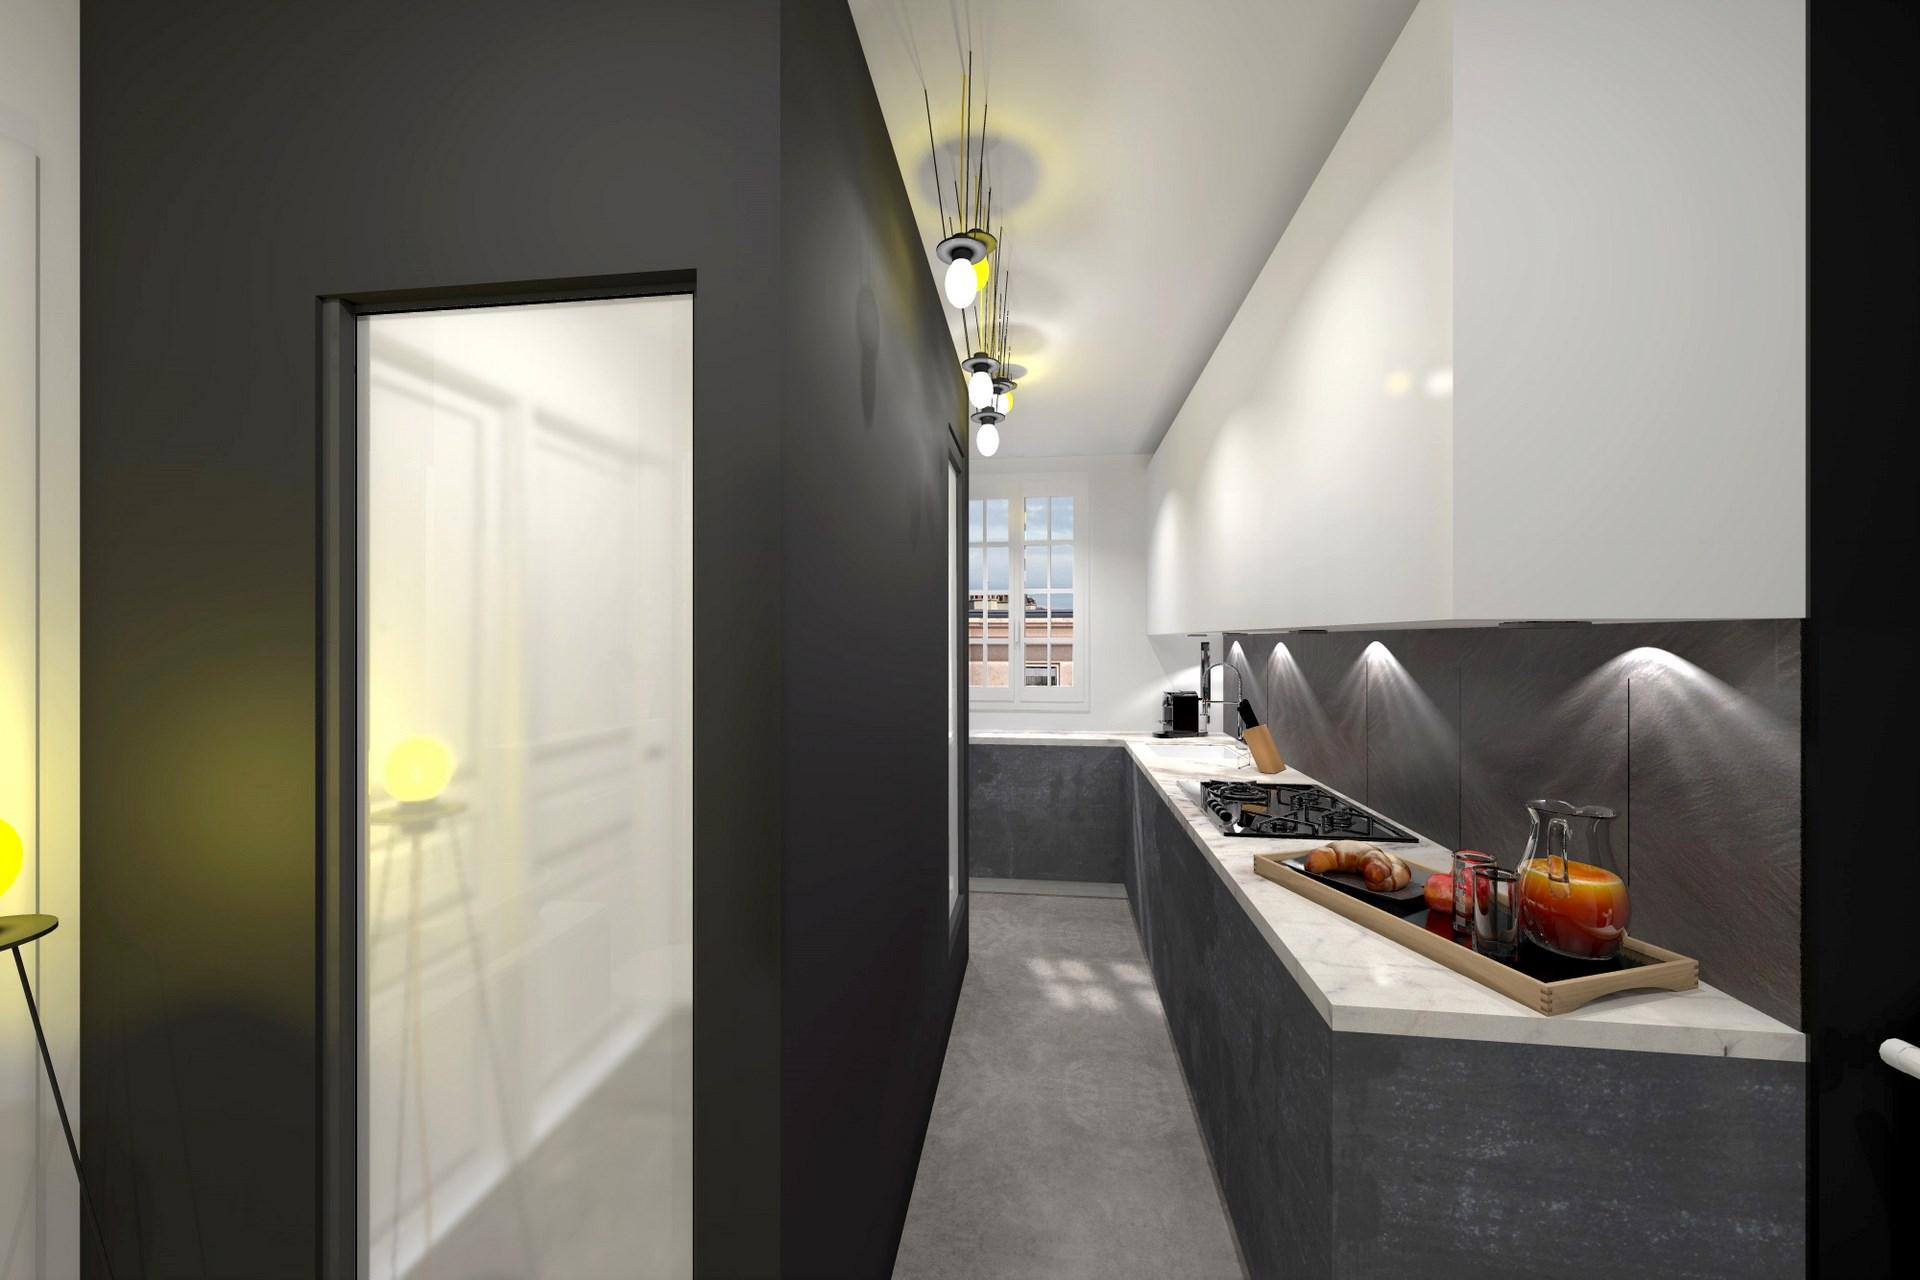 optimisation cuisine salle de bain noir blanc monochrome quartz agence avous